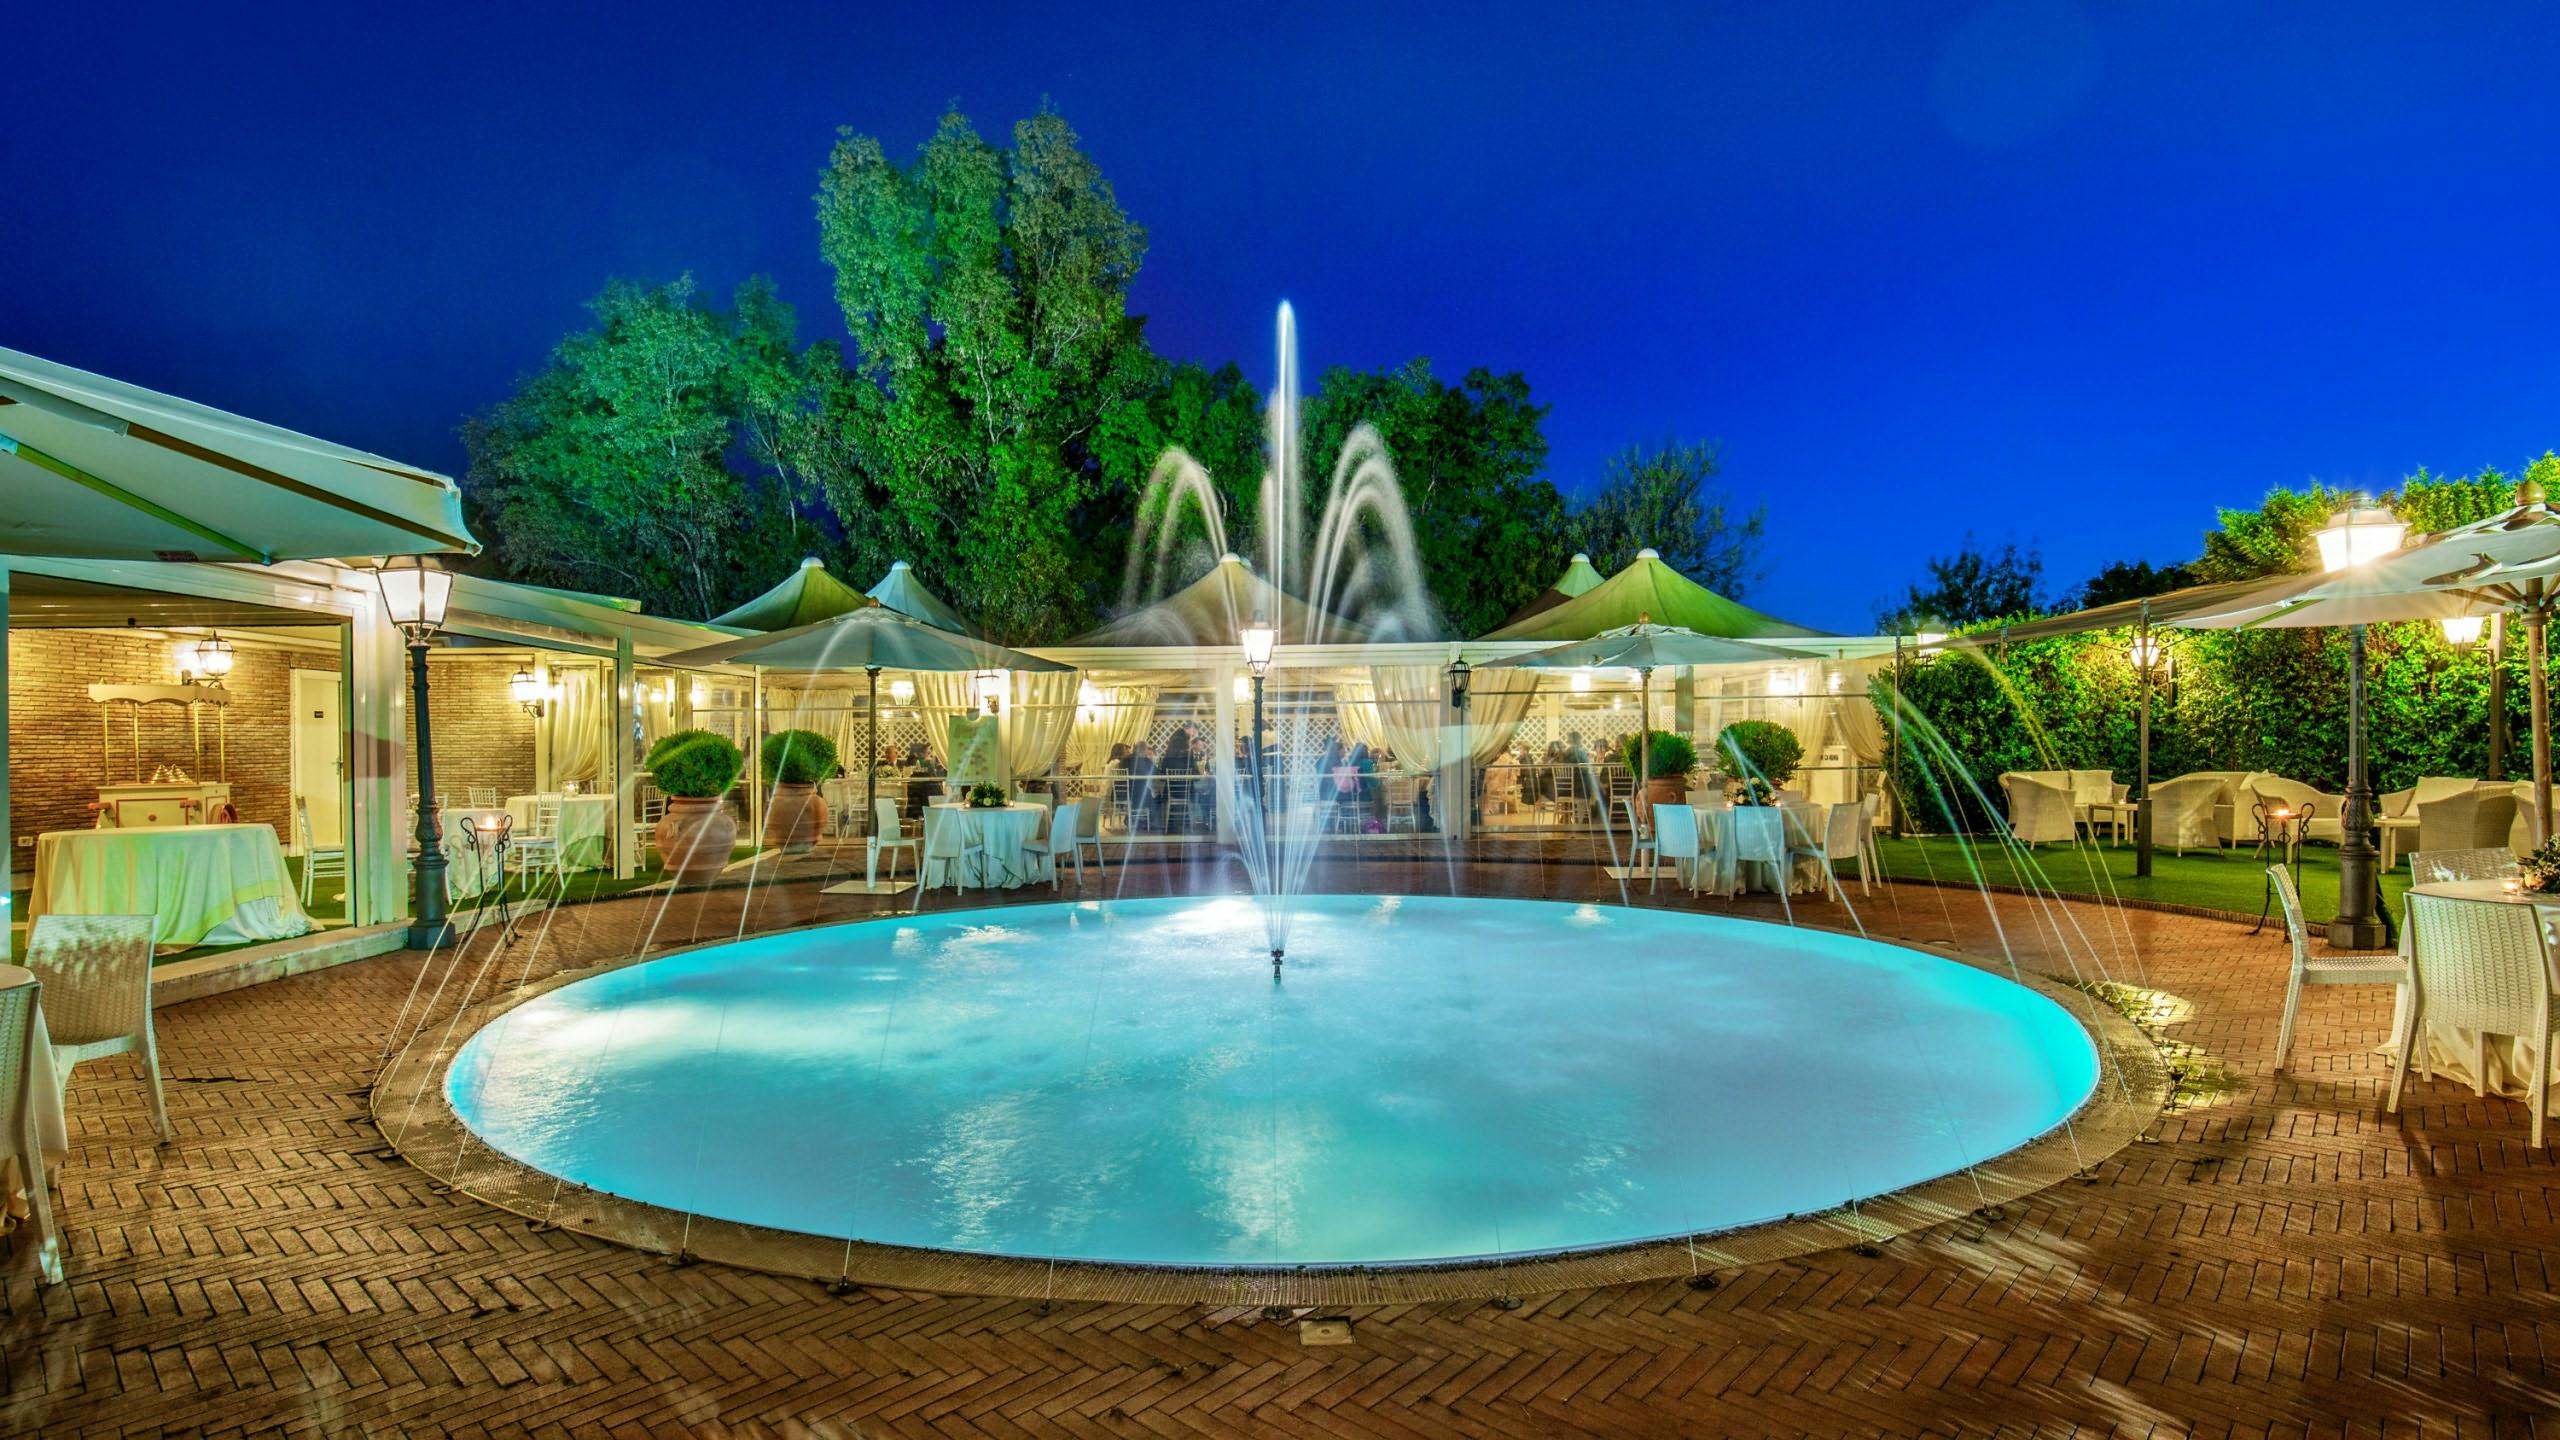 hotel-piccolo-borgo-roma-eventi-7602a.jpg